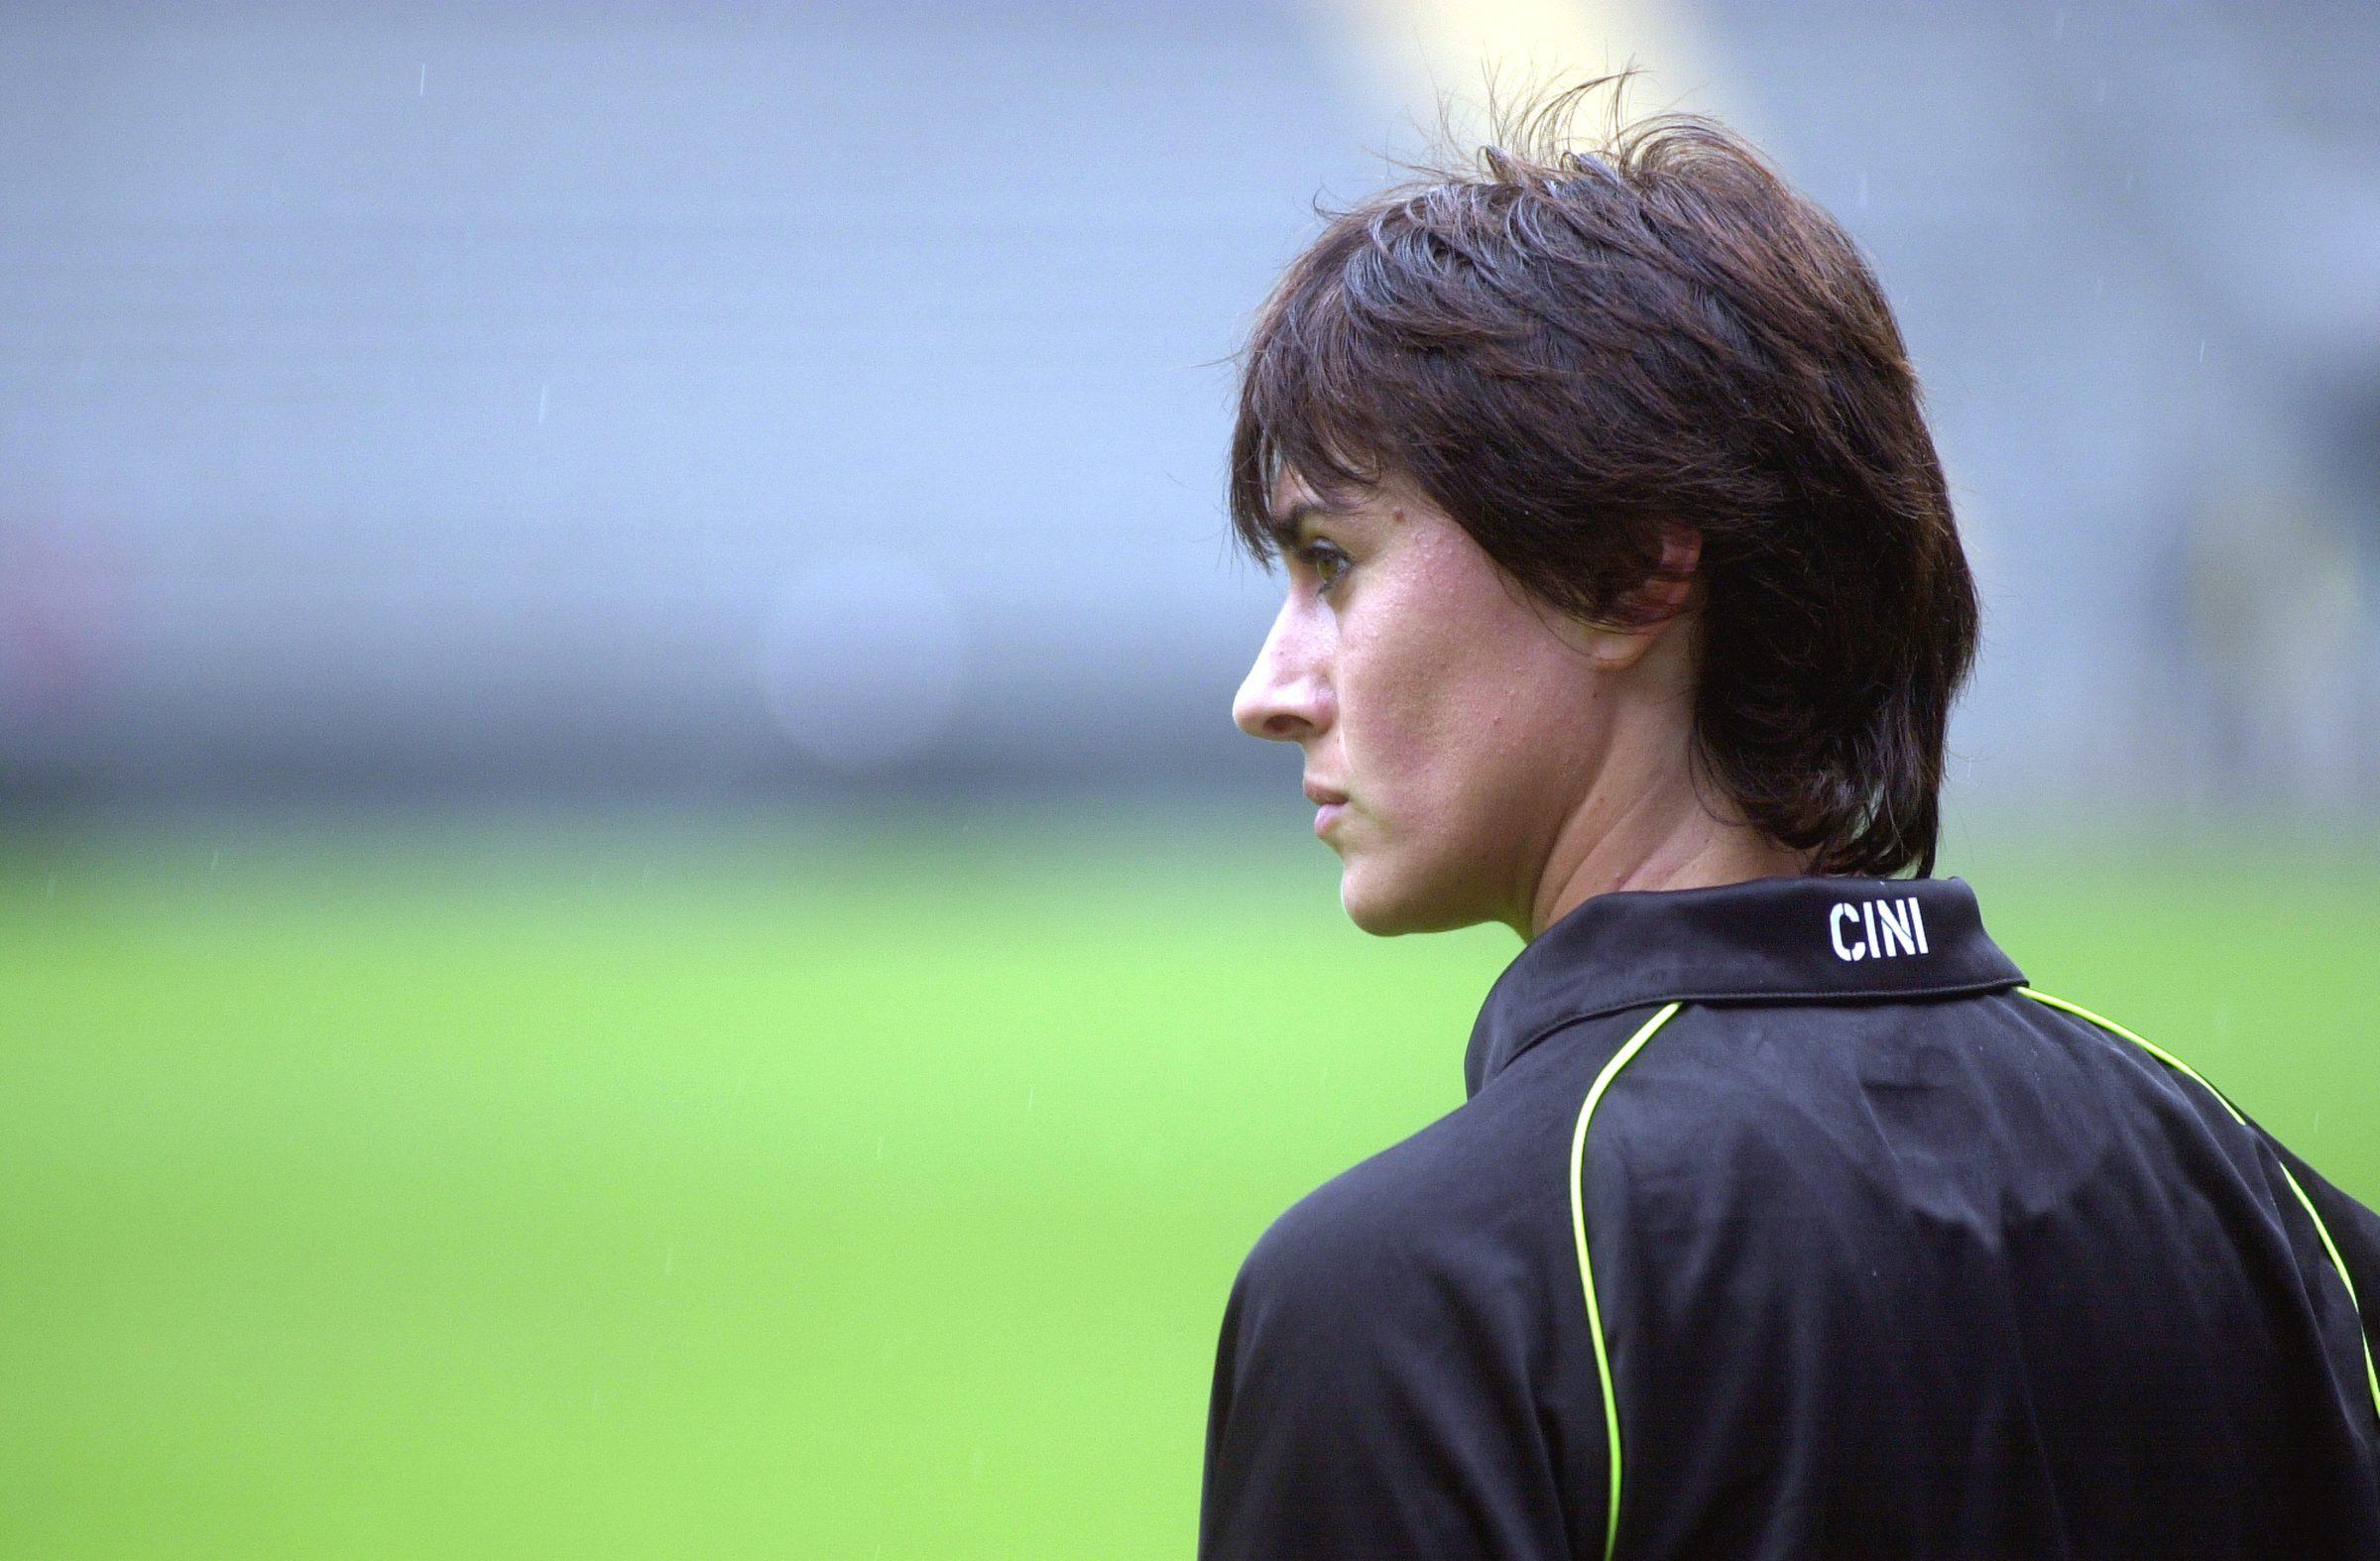 """Rieti, giovane calciatore sospeso per insulti sessisti: """"Sei una donna, non puoi arbitrare"""""""